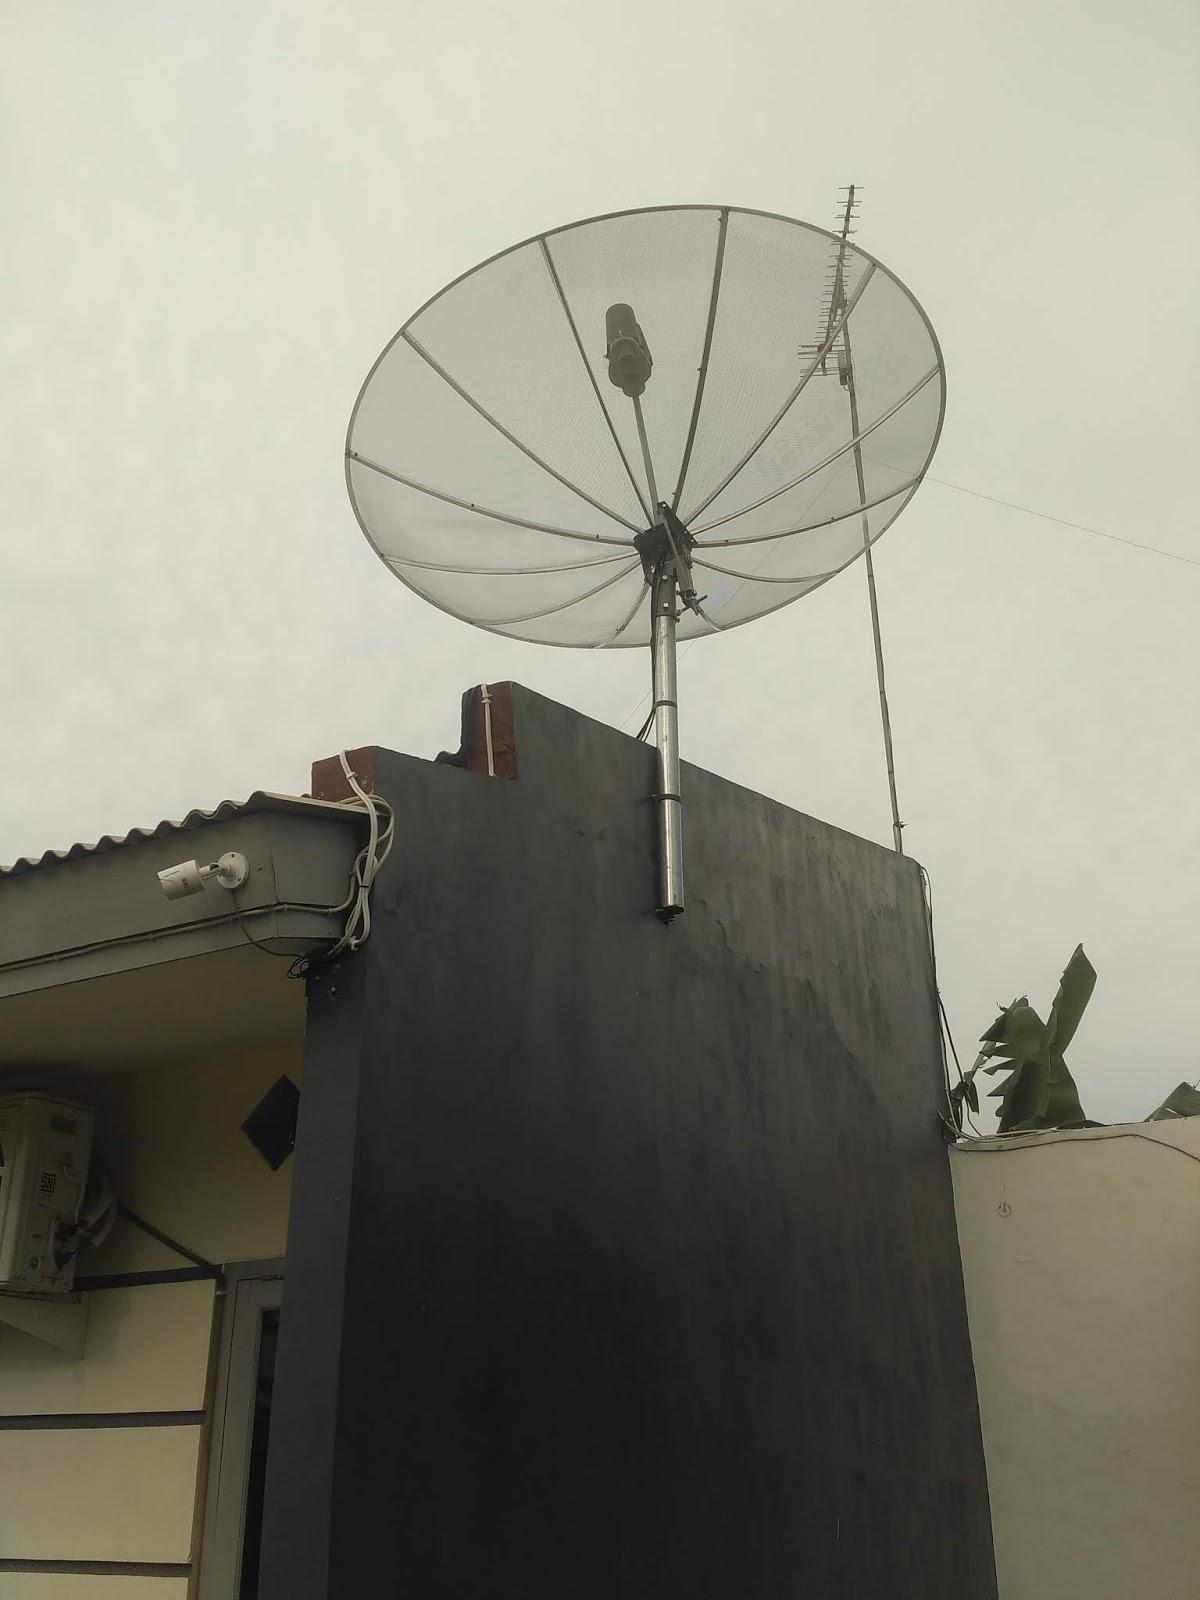 Indojaya Parabola Jaring 2 Satelit Paket Topas Tv Basic Setahun Melayani Pemasangan Berbagai Jenis Antena Semalang Raya Dan Kota Batu Jika Lokasi Anda Berada Diluar Wilayah Malang Bisa Di